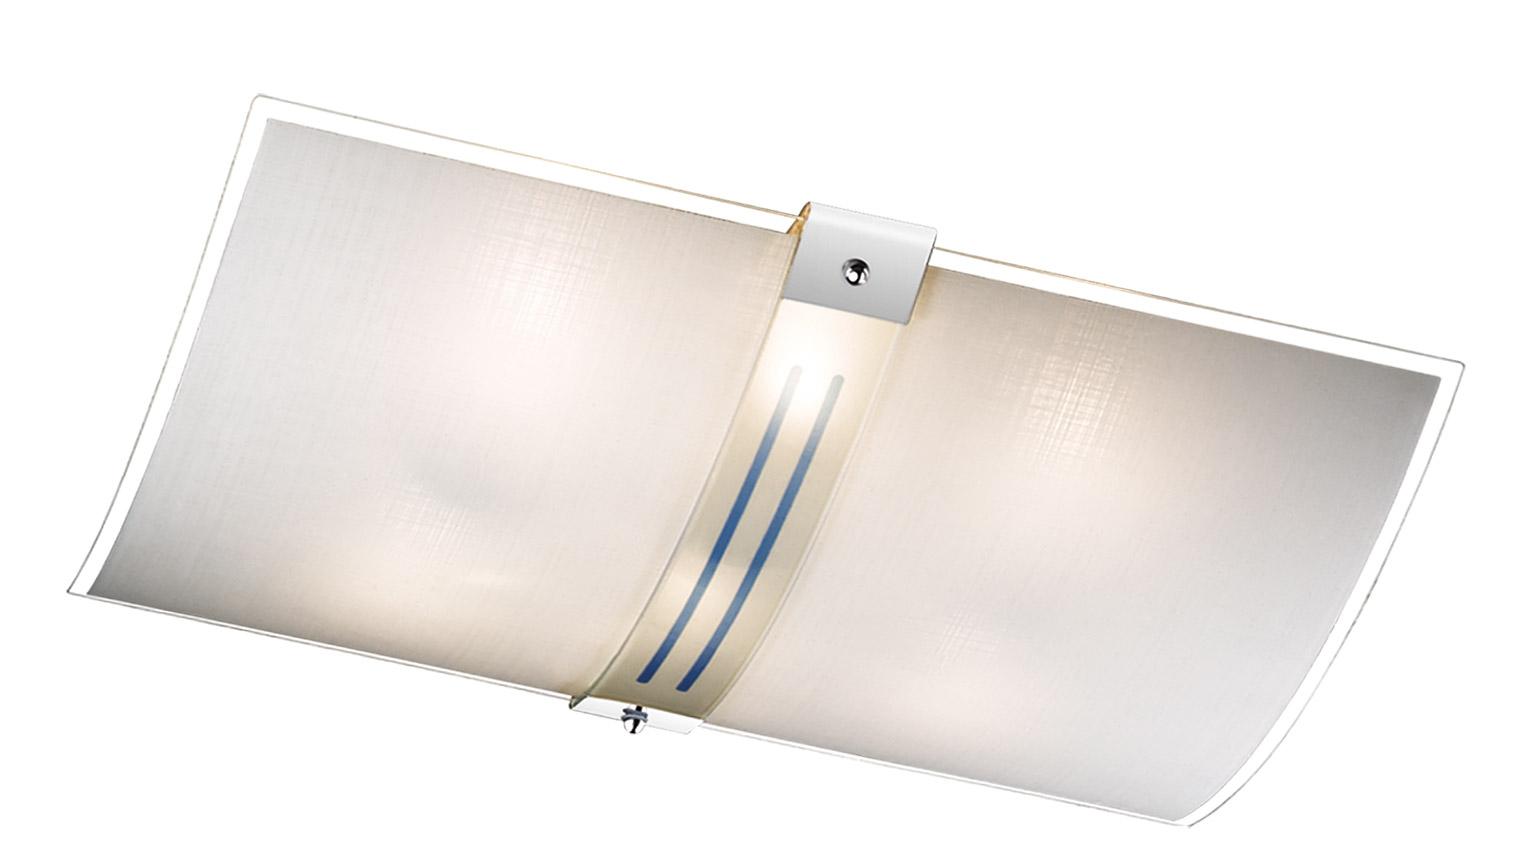 Светильник настенно-потолочный СОНЕКС 6210 батарею для nokia 6210